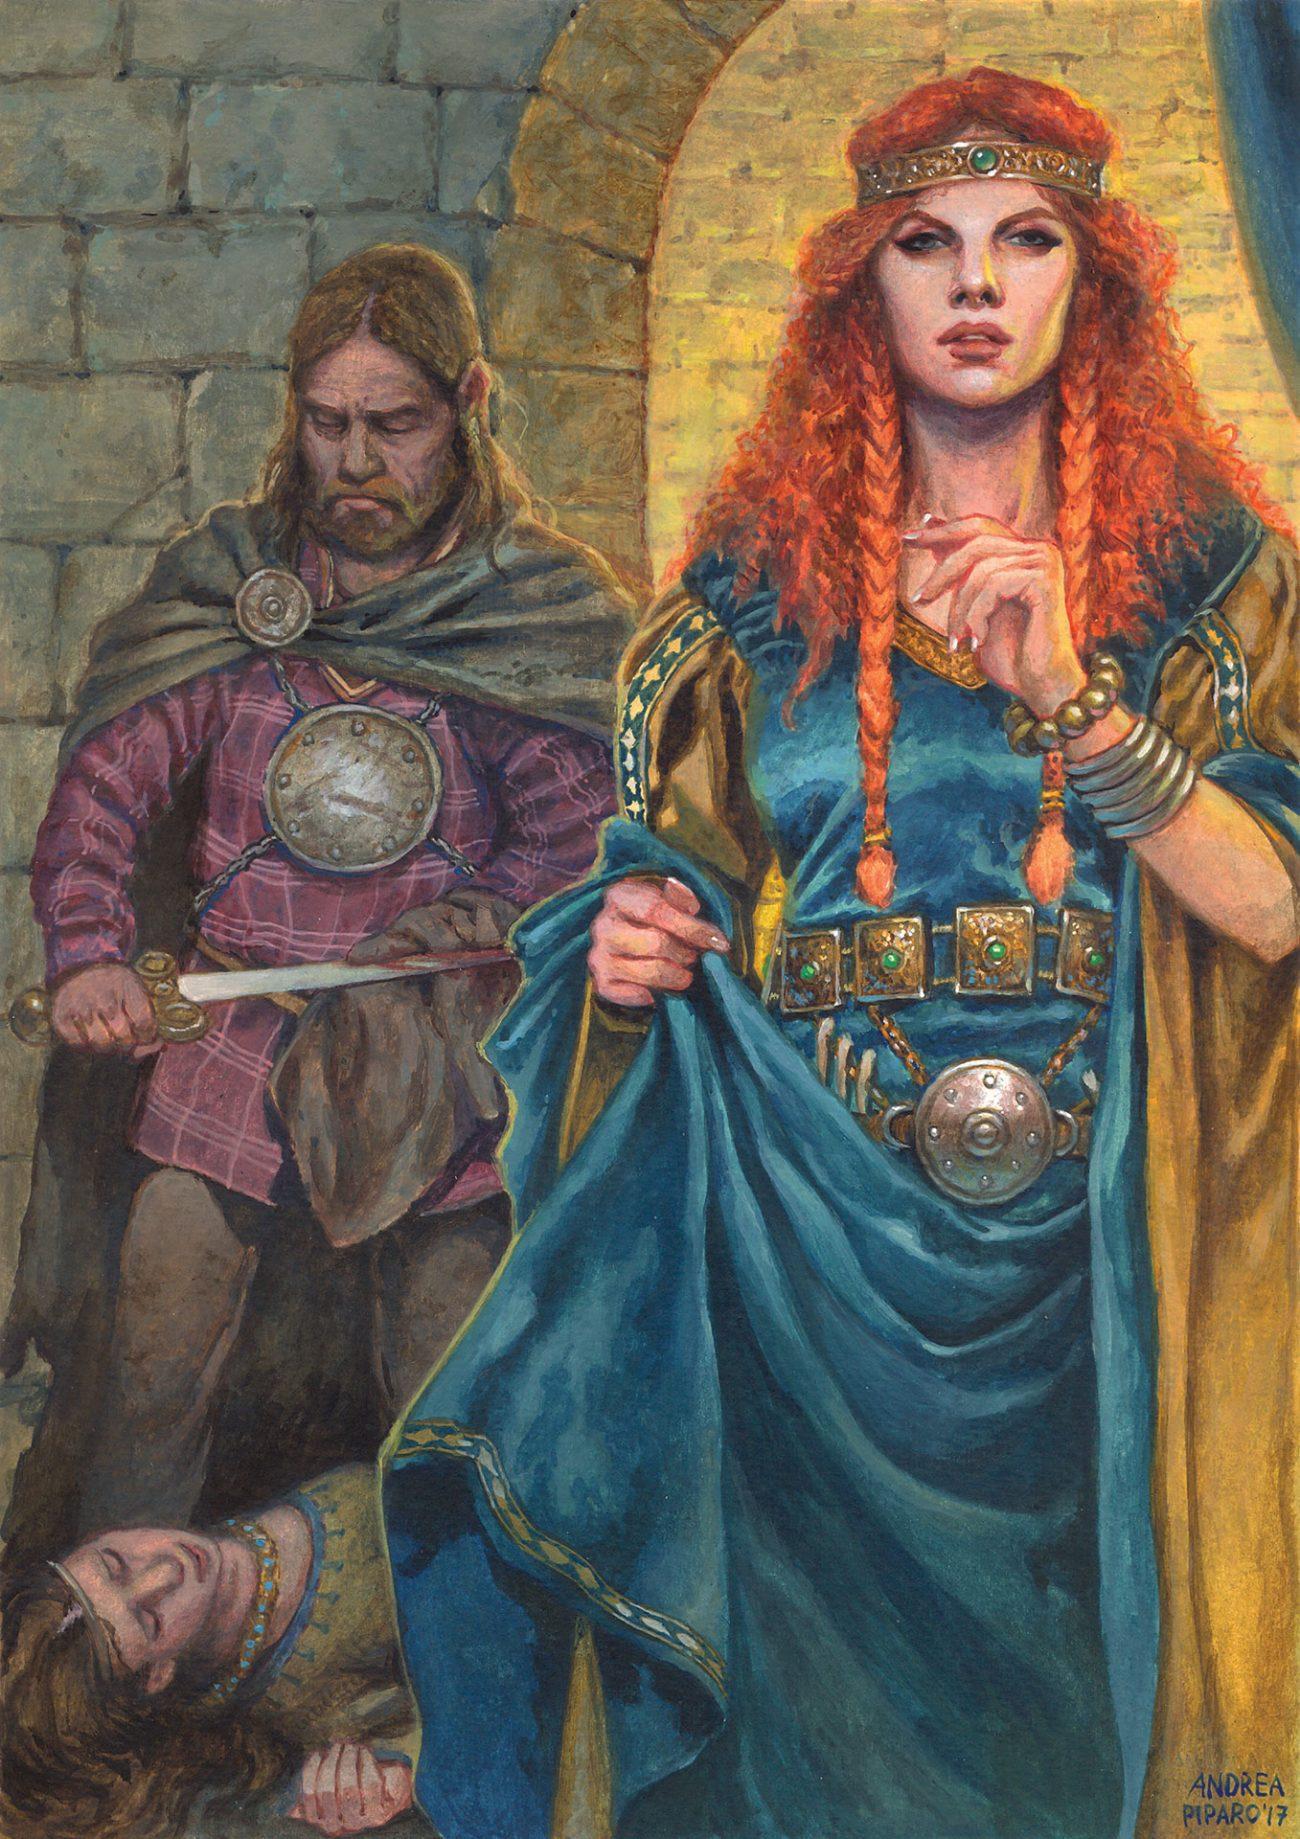 """MAEVE - illustrazione """"Mitologika : Le leggende di Eriu"""" ed. Ailus Editrice 21 x 29,7 cm - acrilico su cartoncino"""